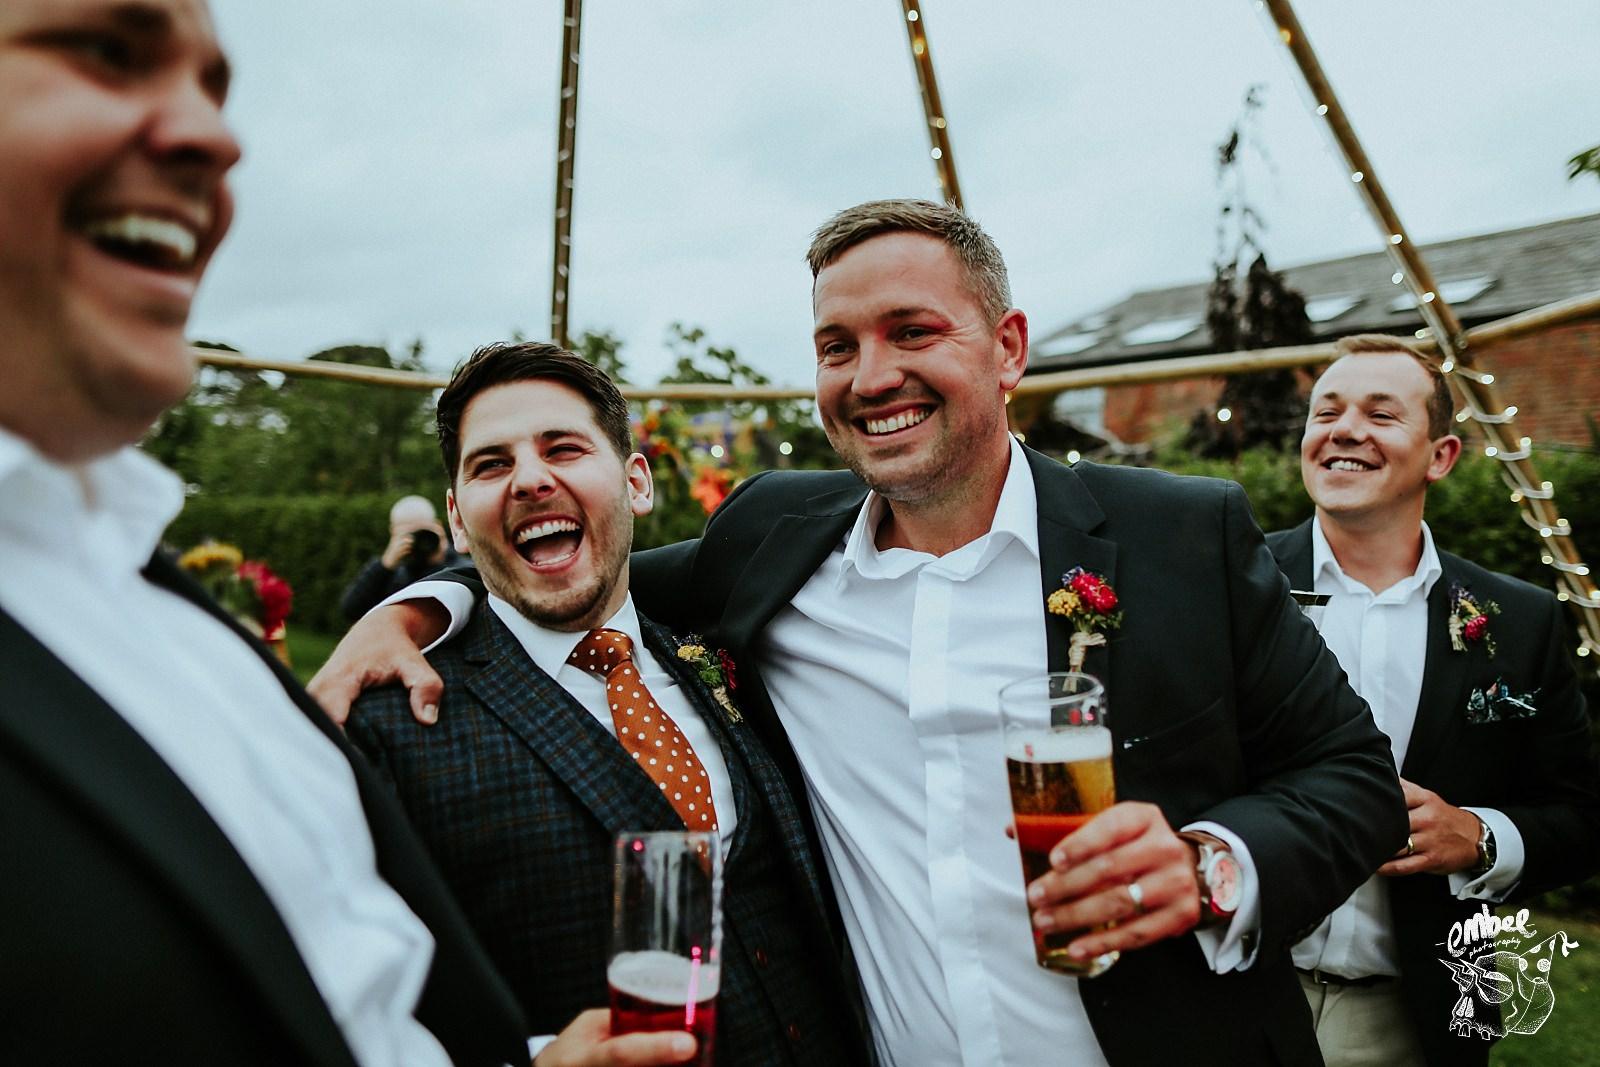 grooms joking around with groomsmen